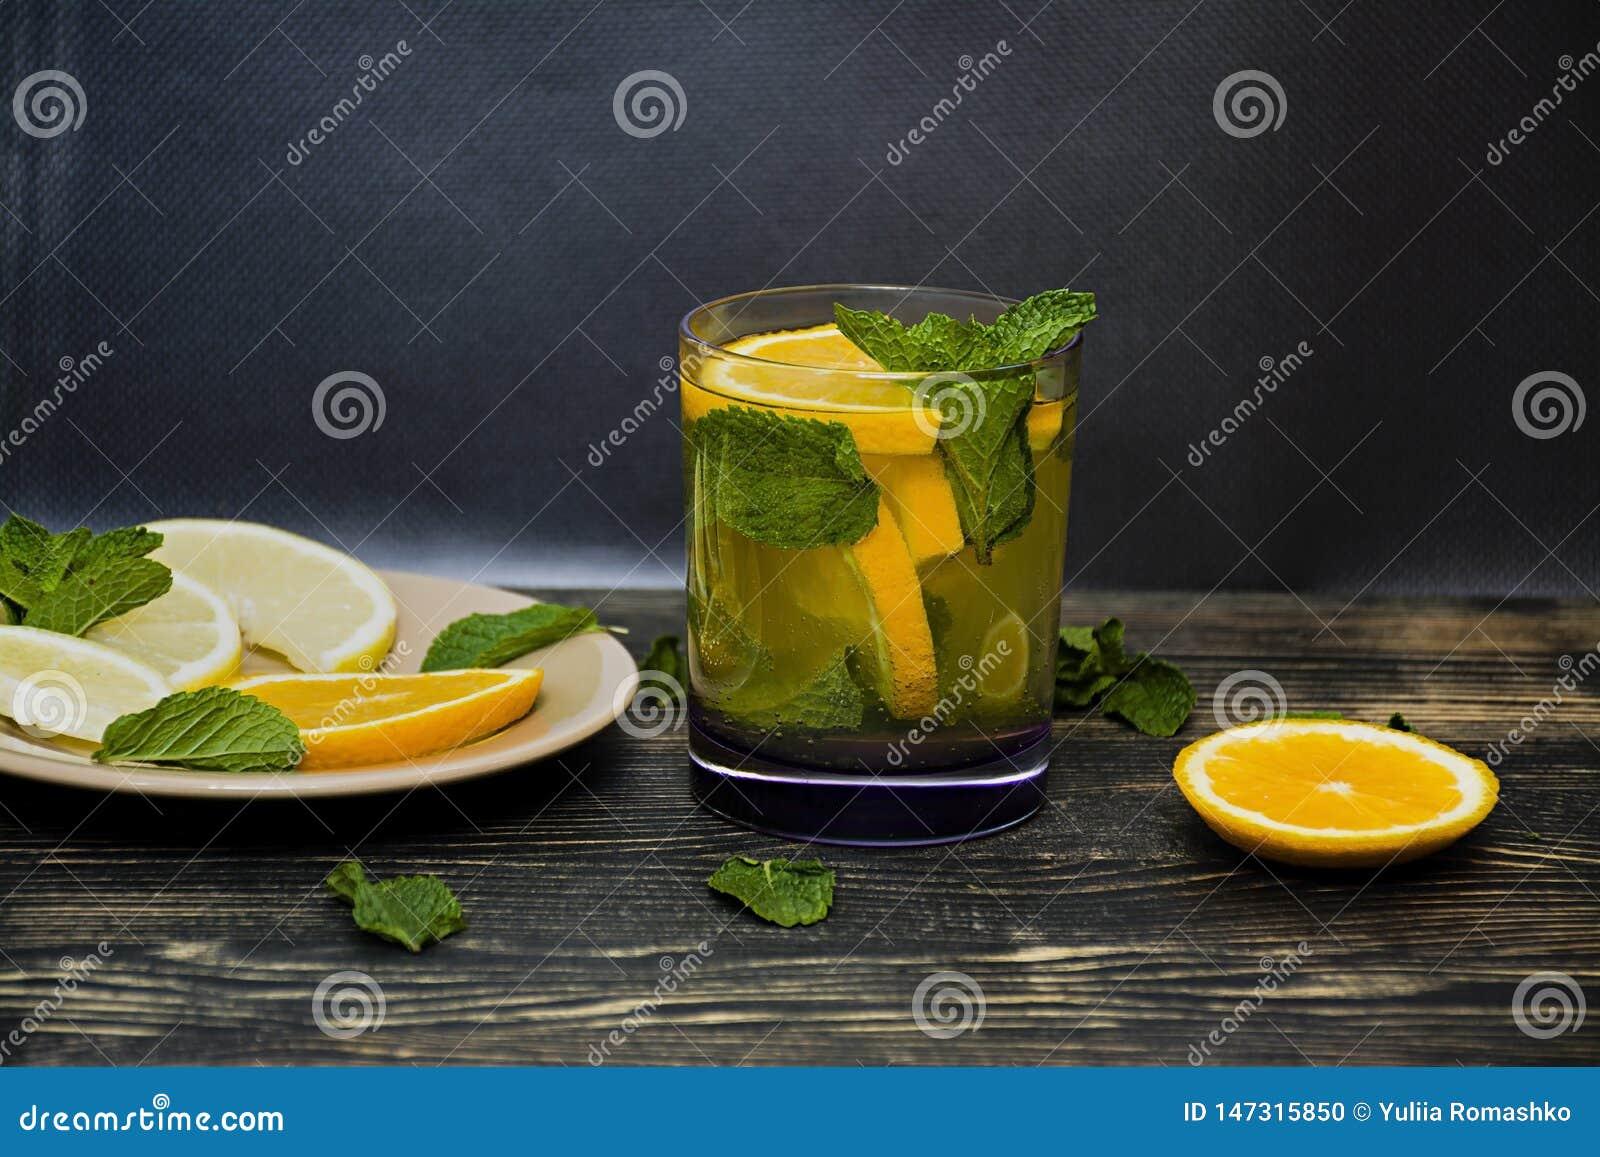 夏天,与薄荷和橙色切片的刷新的橙味饮料 r o